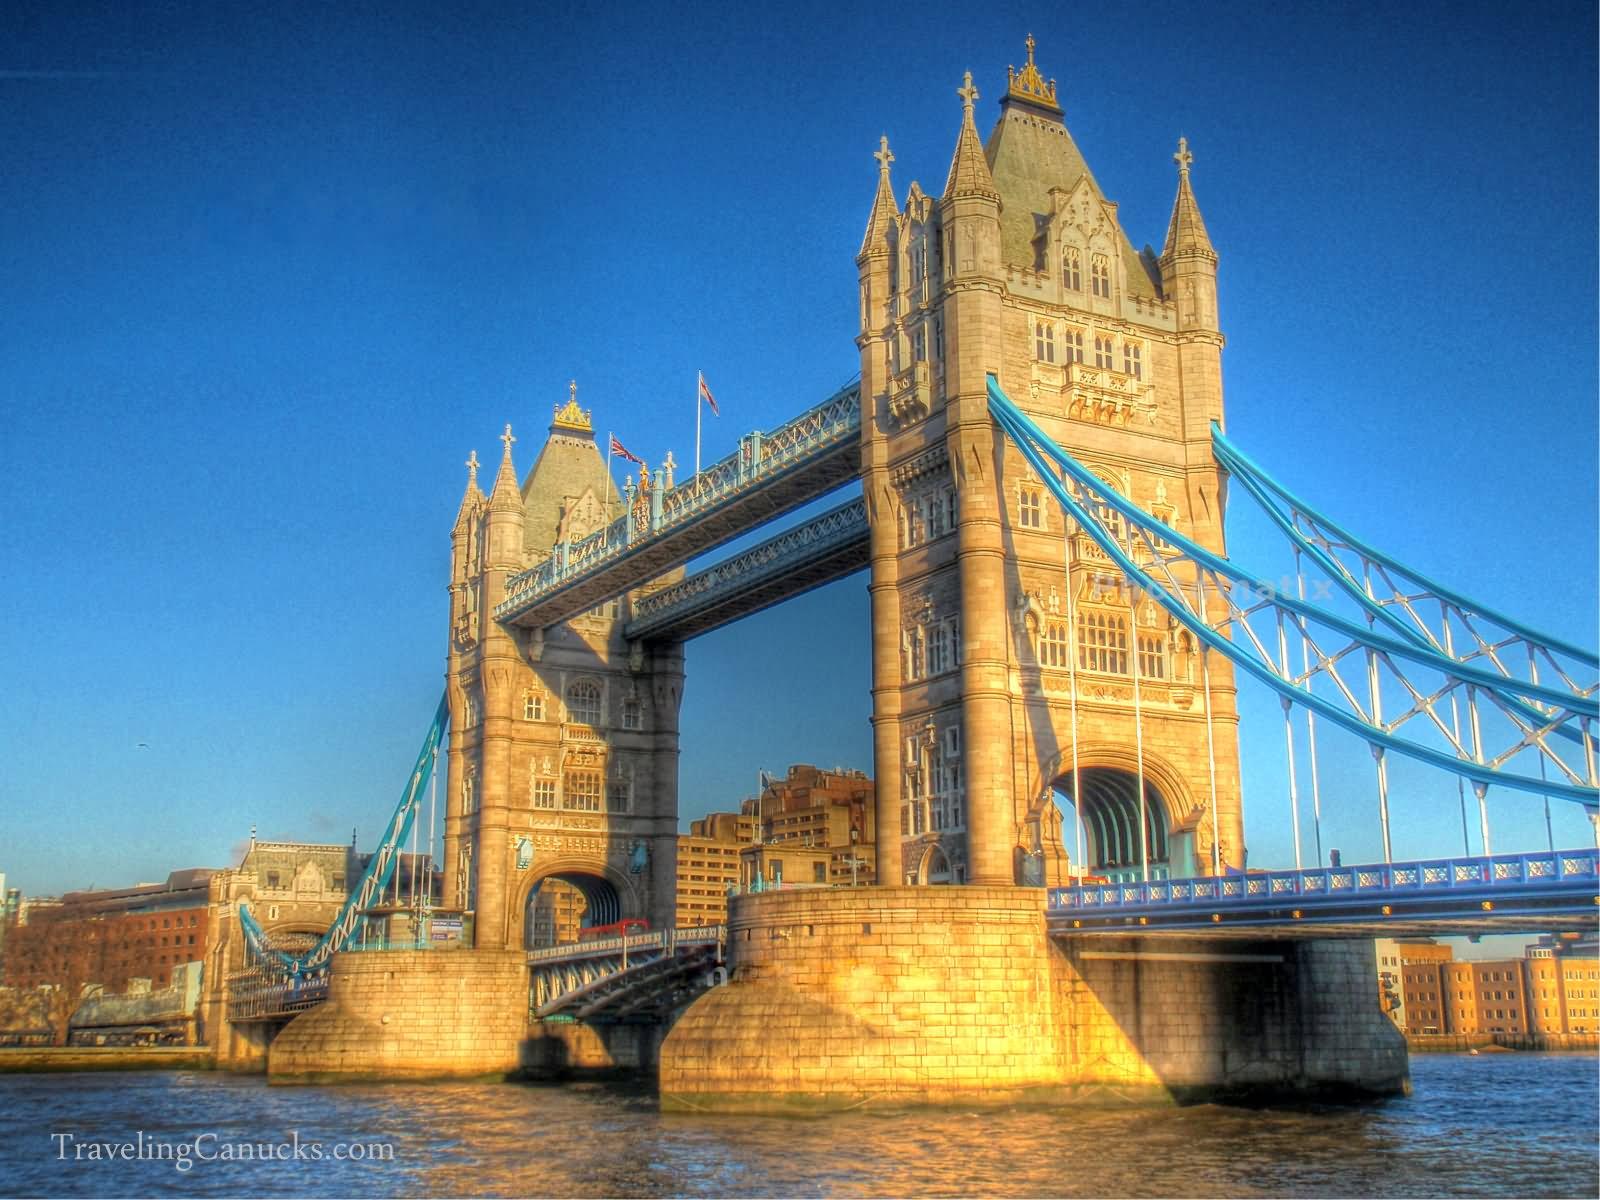 мост в великобритании как называется снималась как мужчинами